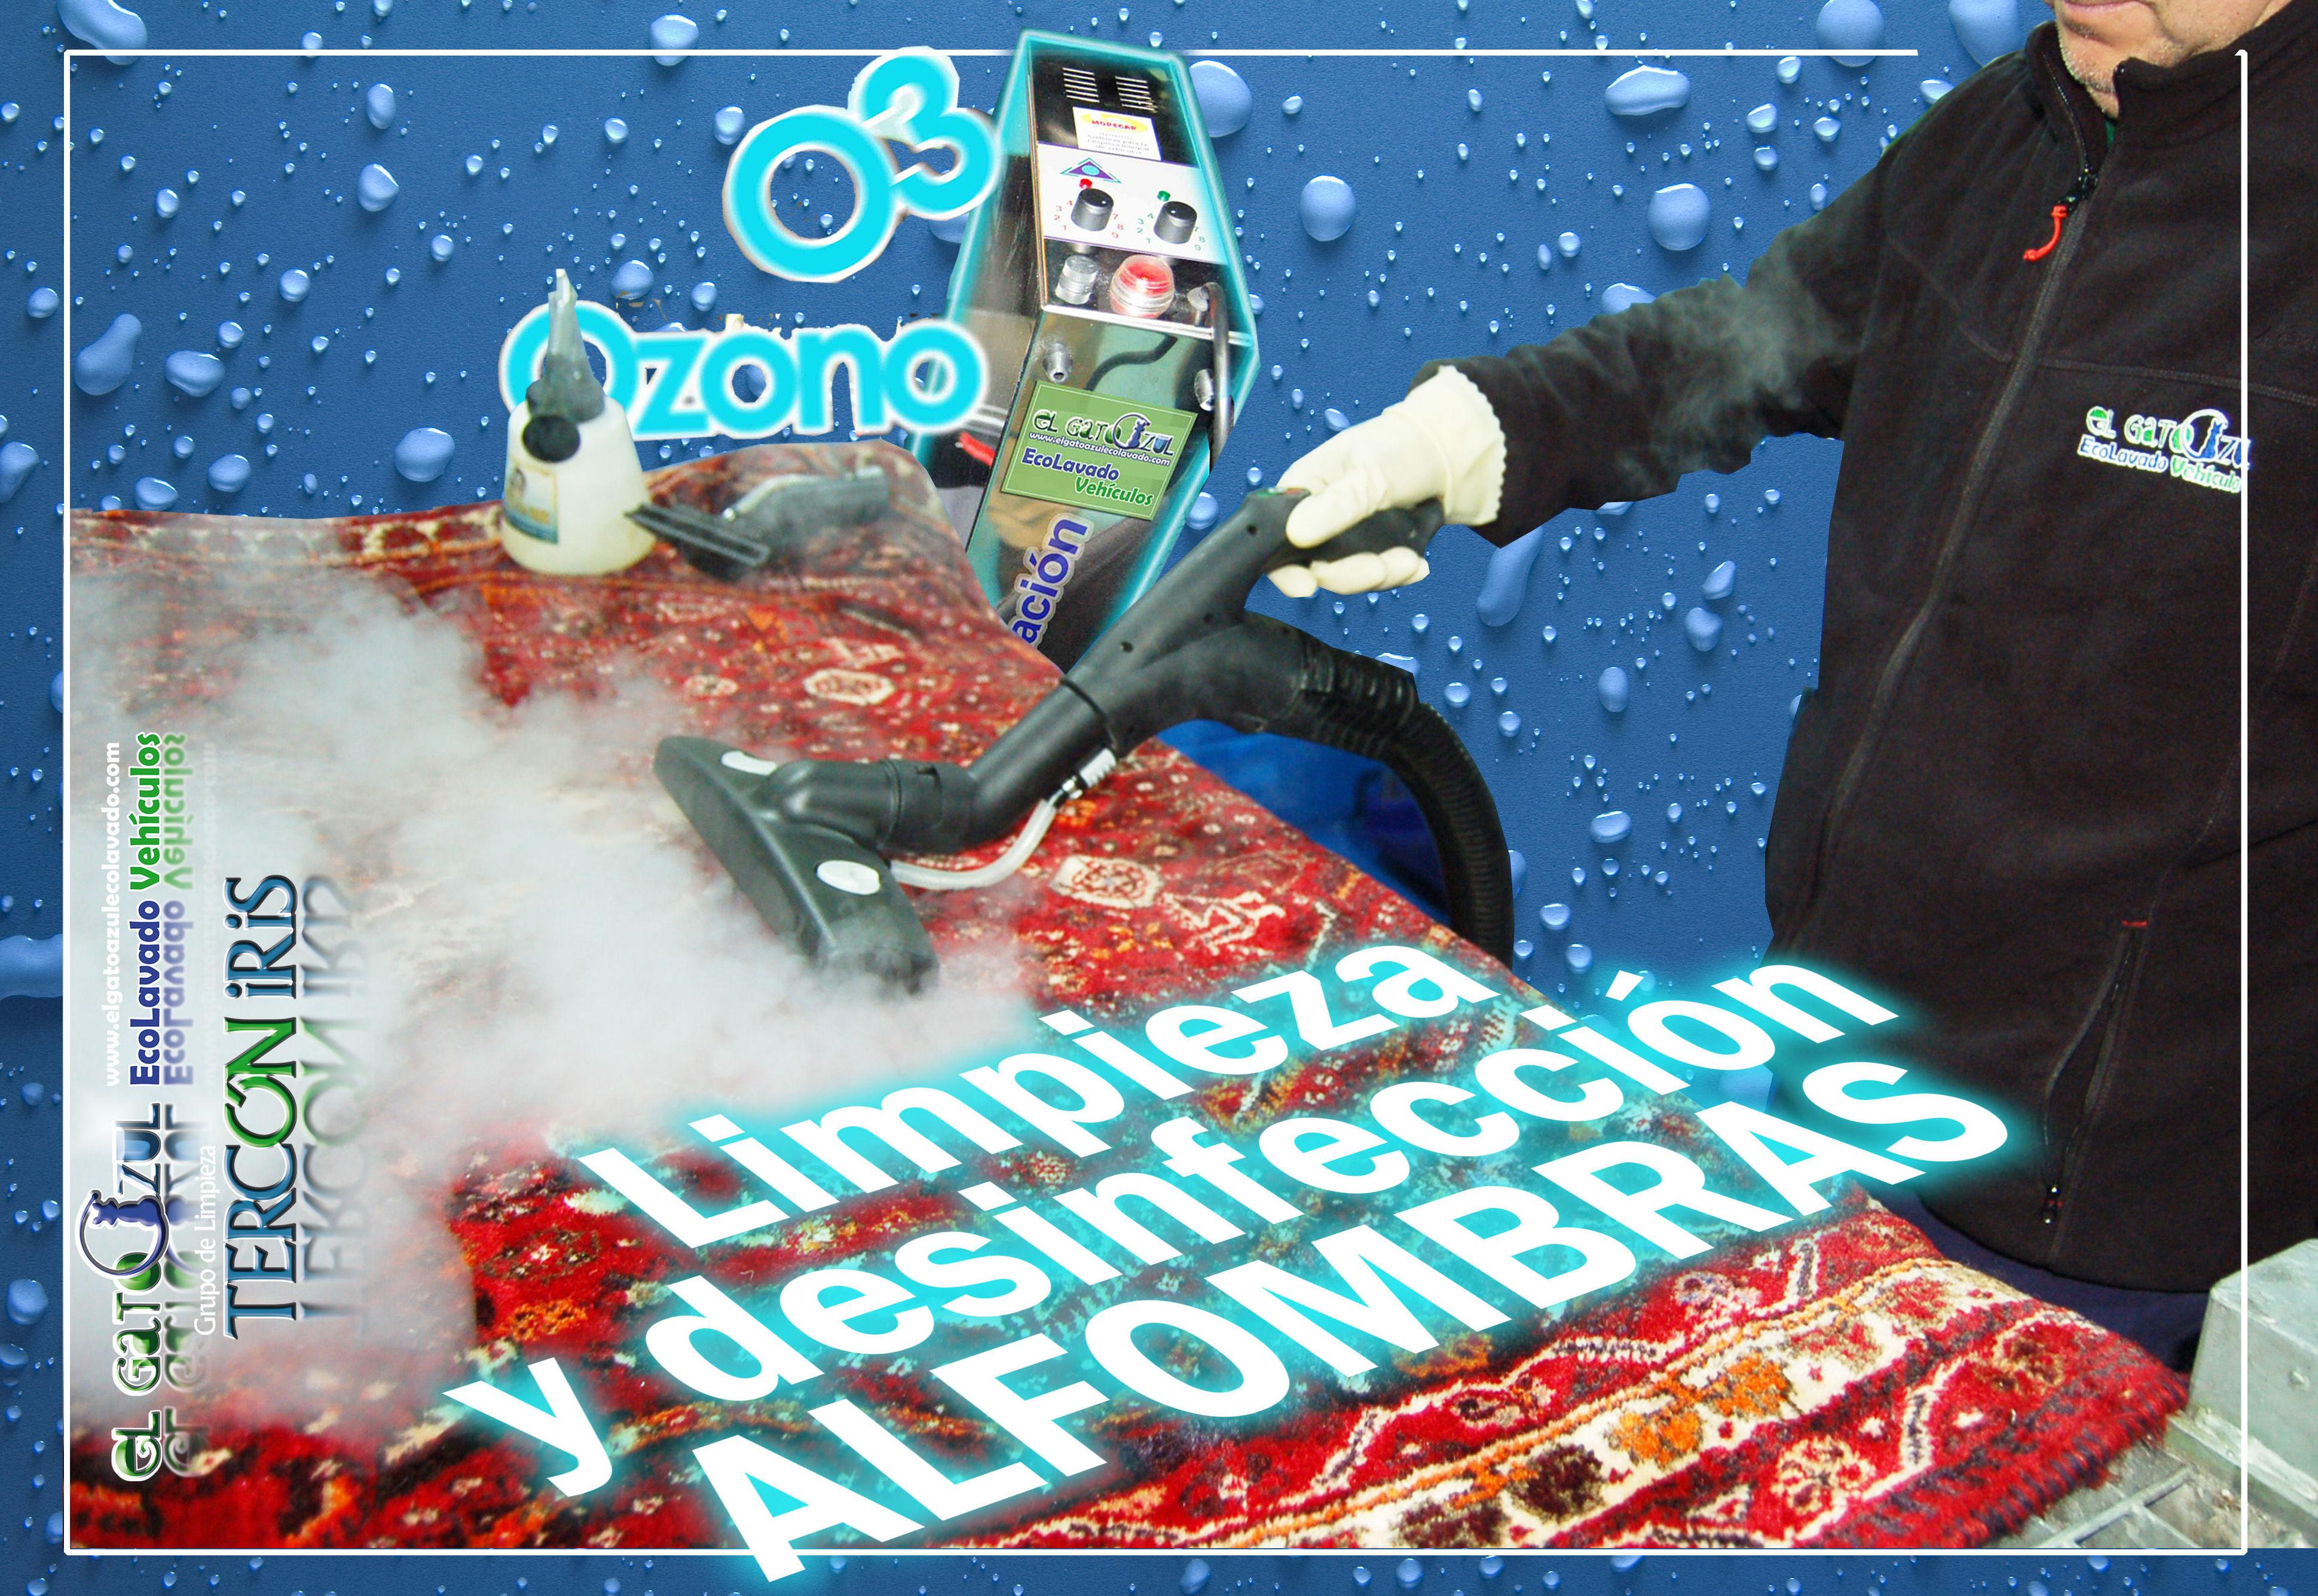 Foto 6 de Limpieza de vehículos en    El Gato Azul Ecolavado Vehículos